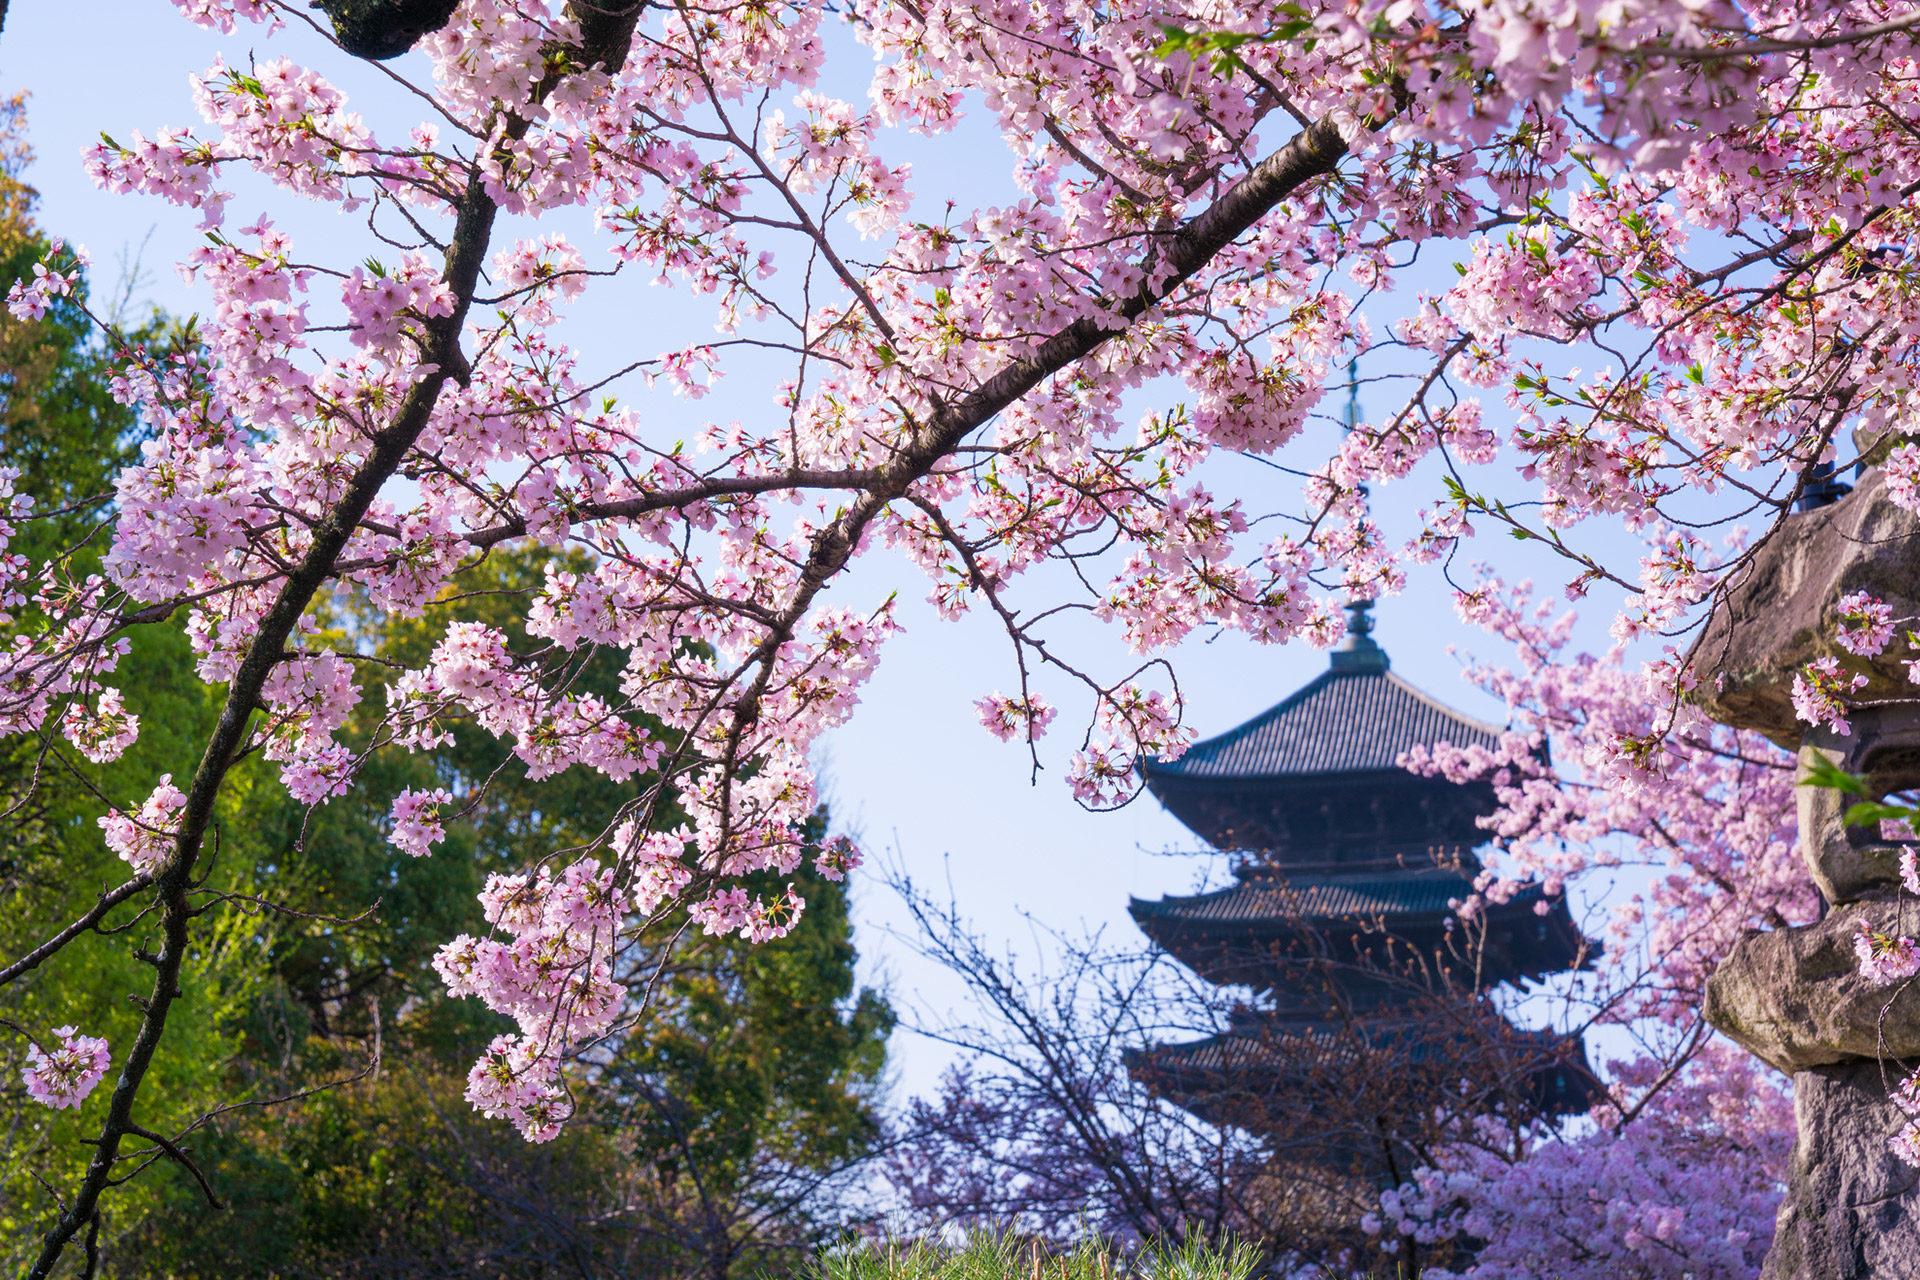 悠閒地欣賞京都櫻花的方法是?